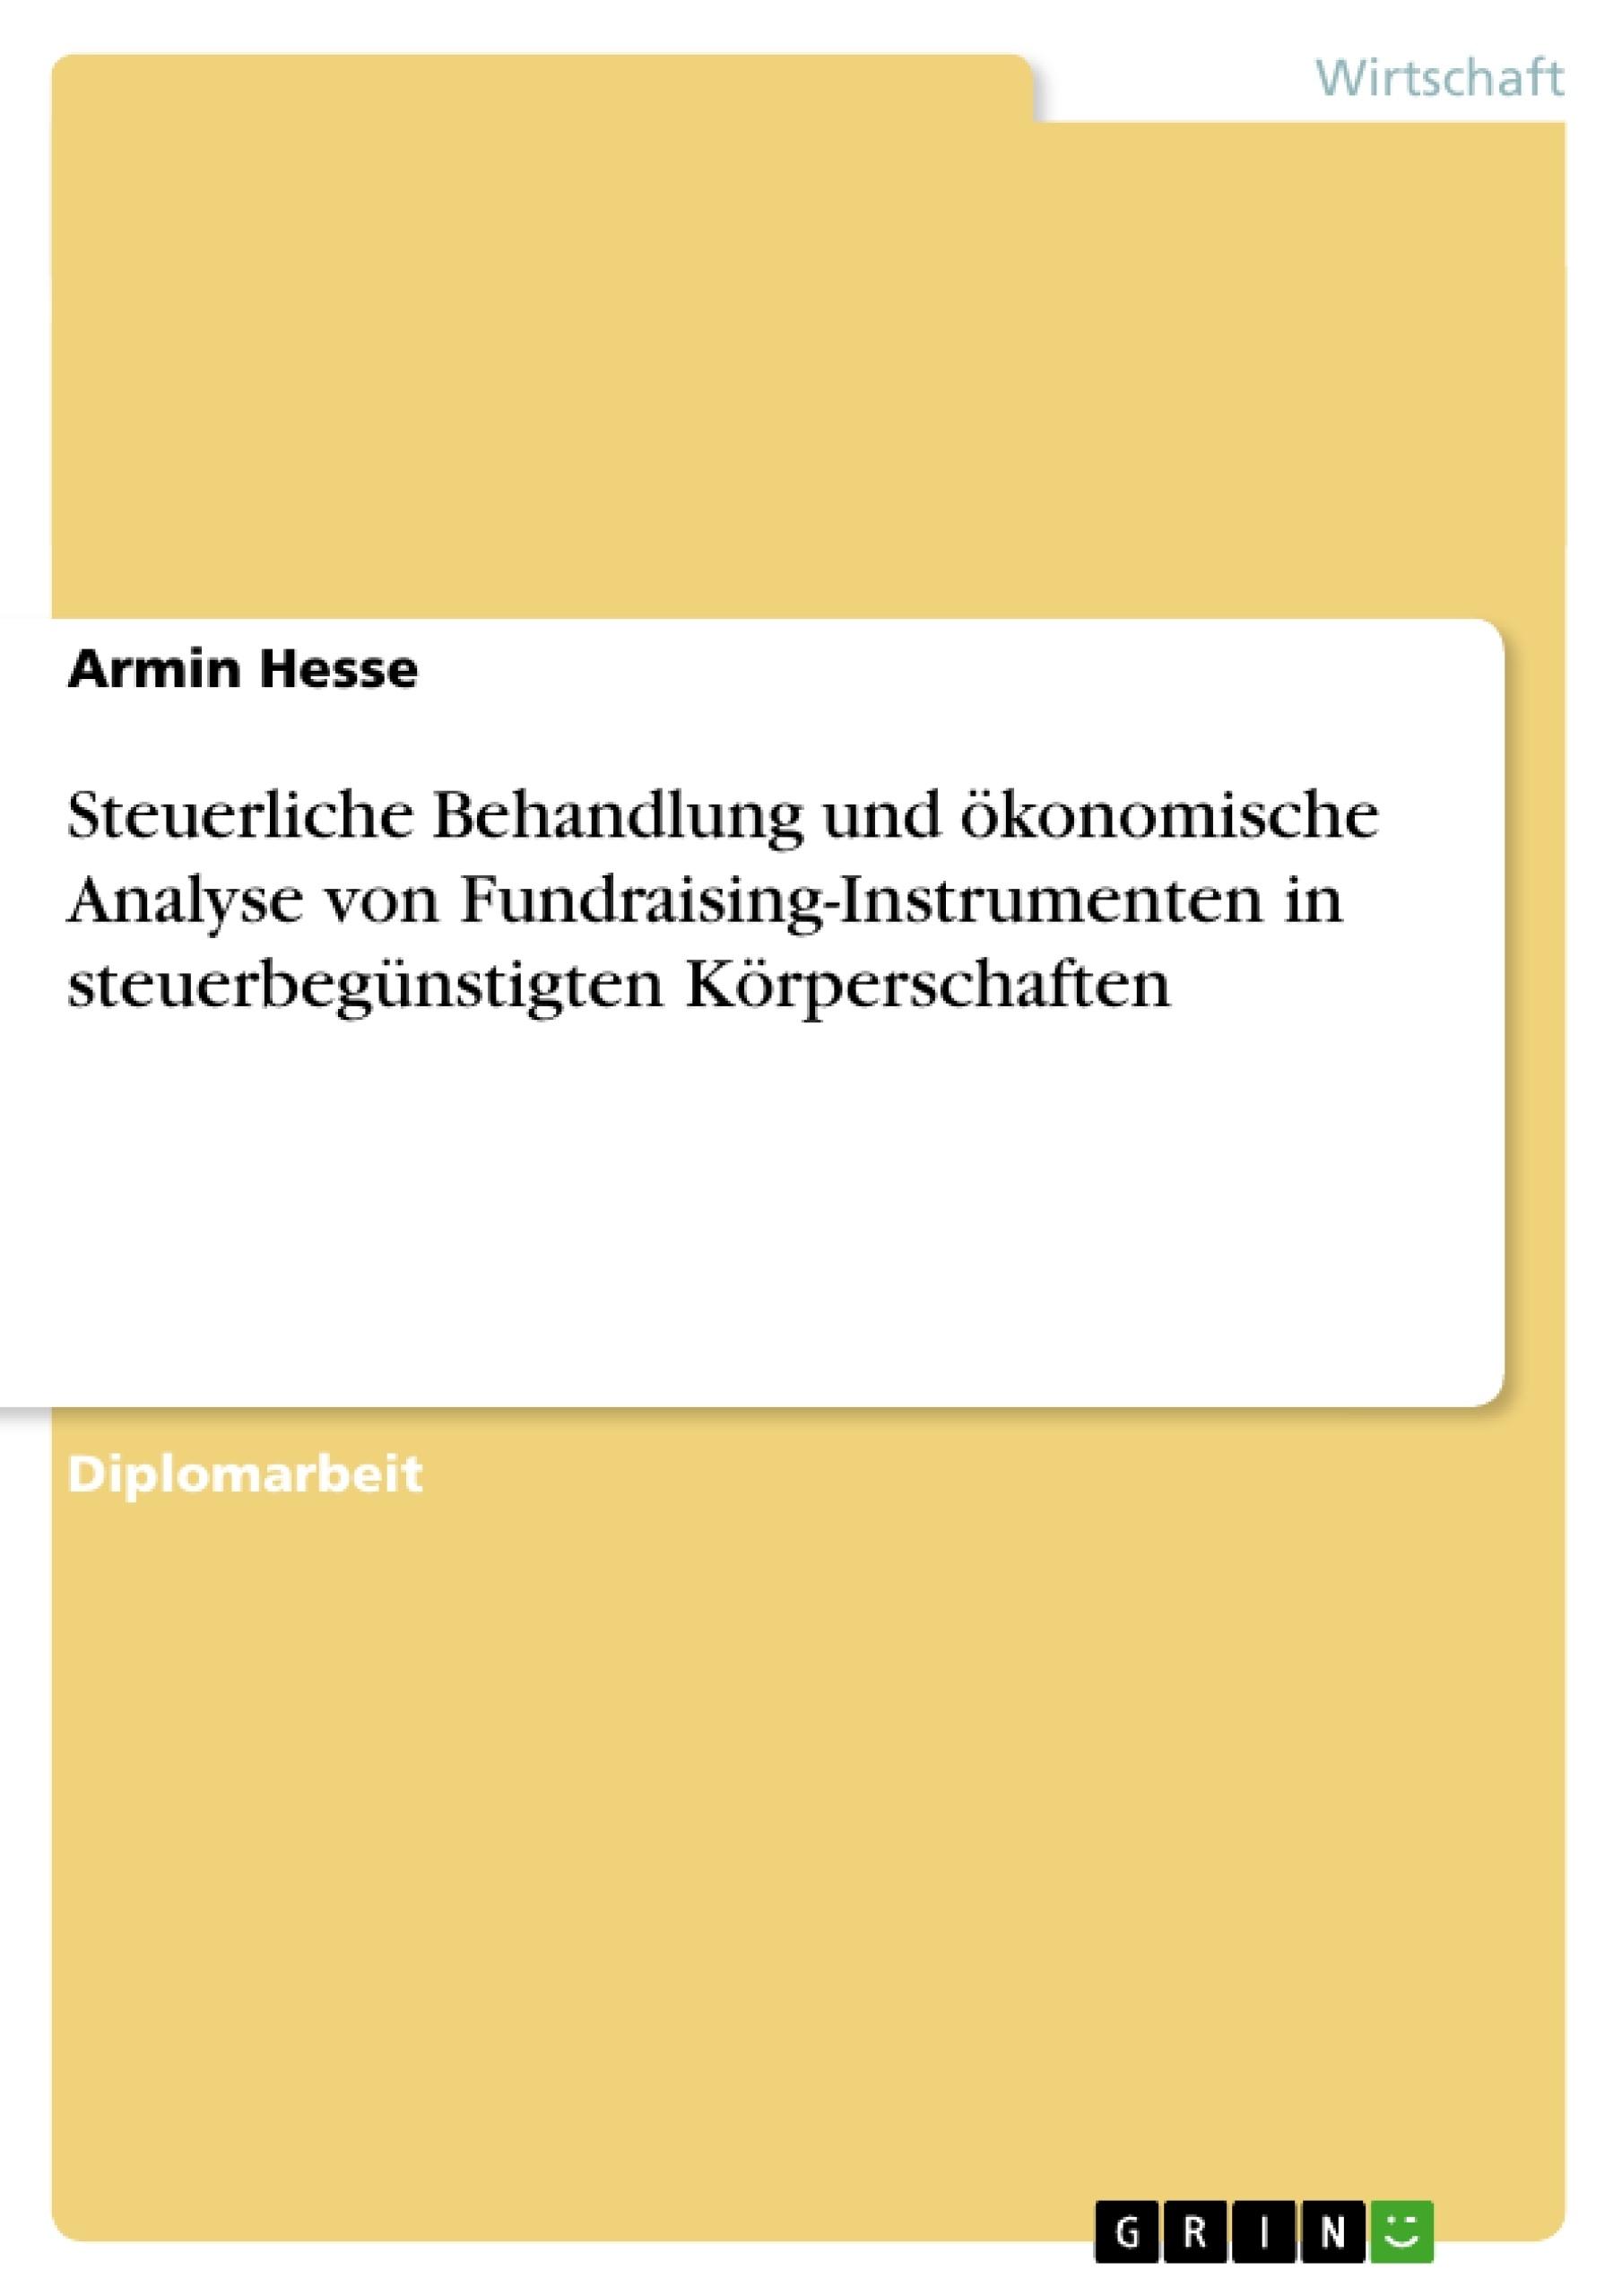 Titel: Steuerliche Behandlung und ökonomische Analyse von Fundraising-Instrumenten in steuerbegünstigten Körperschaften